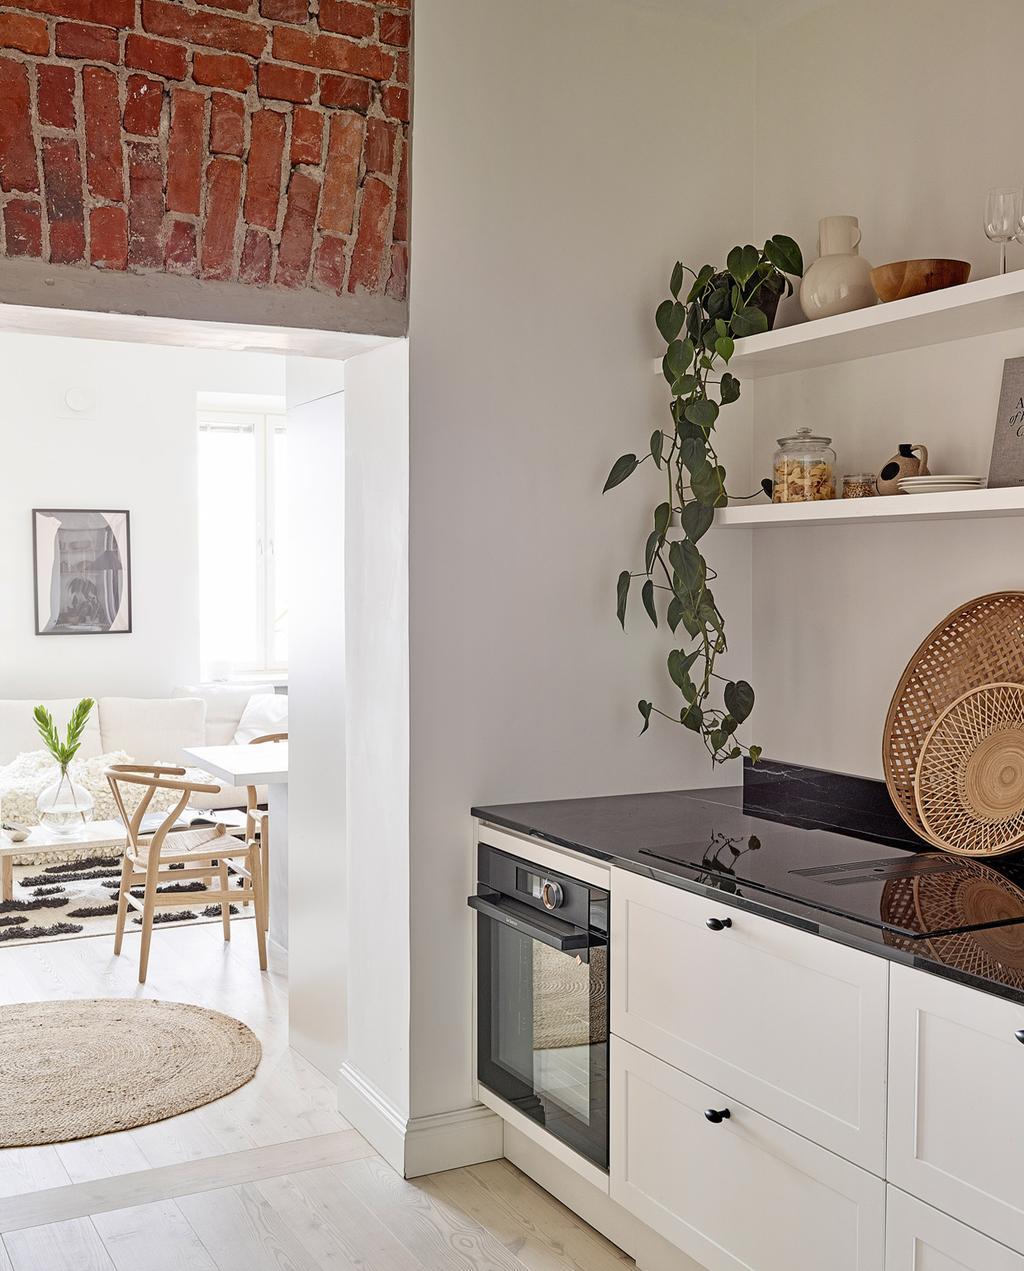 vtwonen special tiny houses |  keuken met stenen muur en ronde vormen